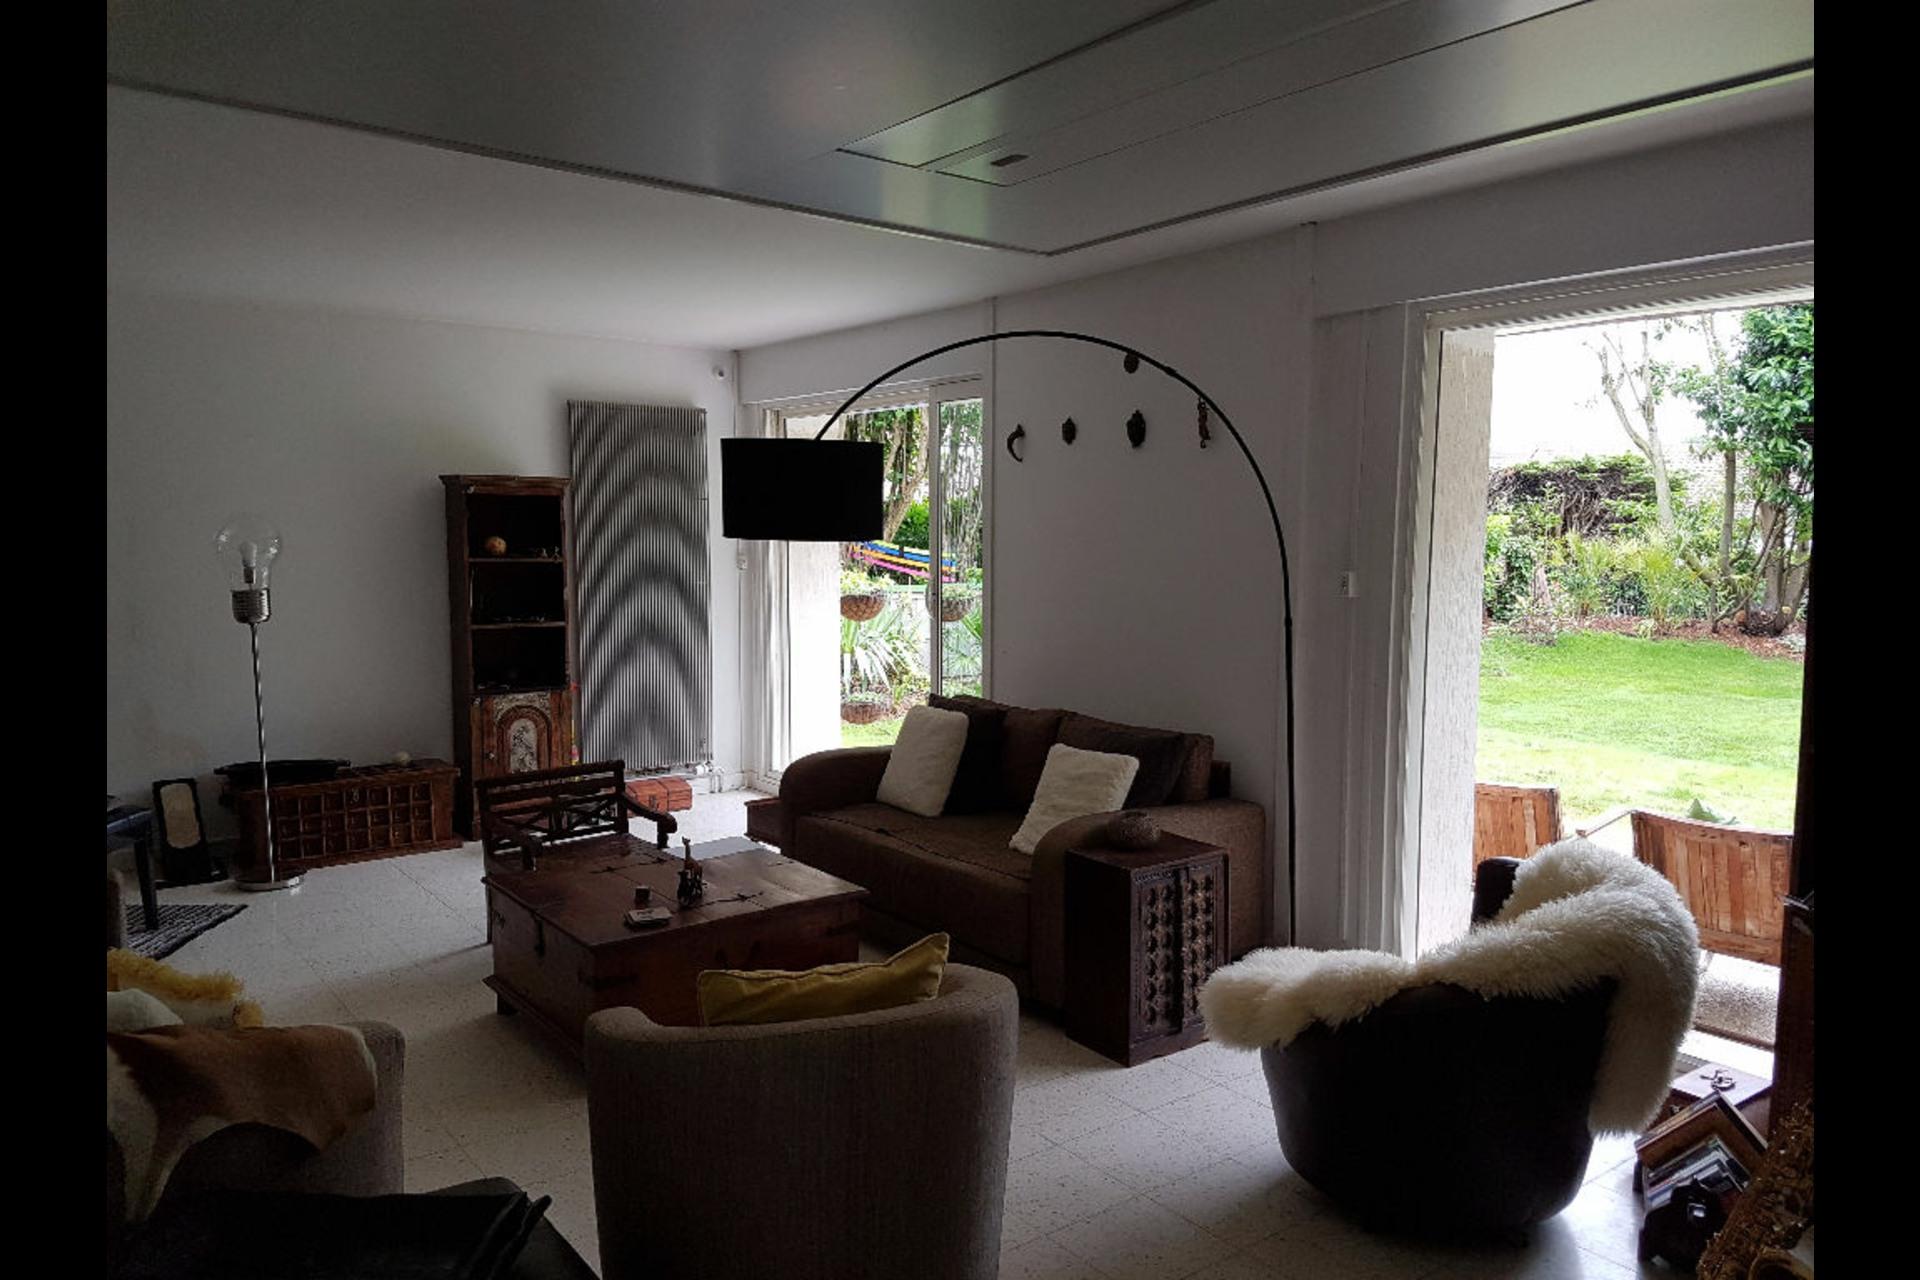 image 2 - Apartment For sale saint nom la breteche - 4 rooms